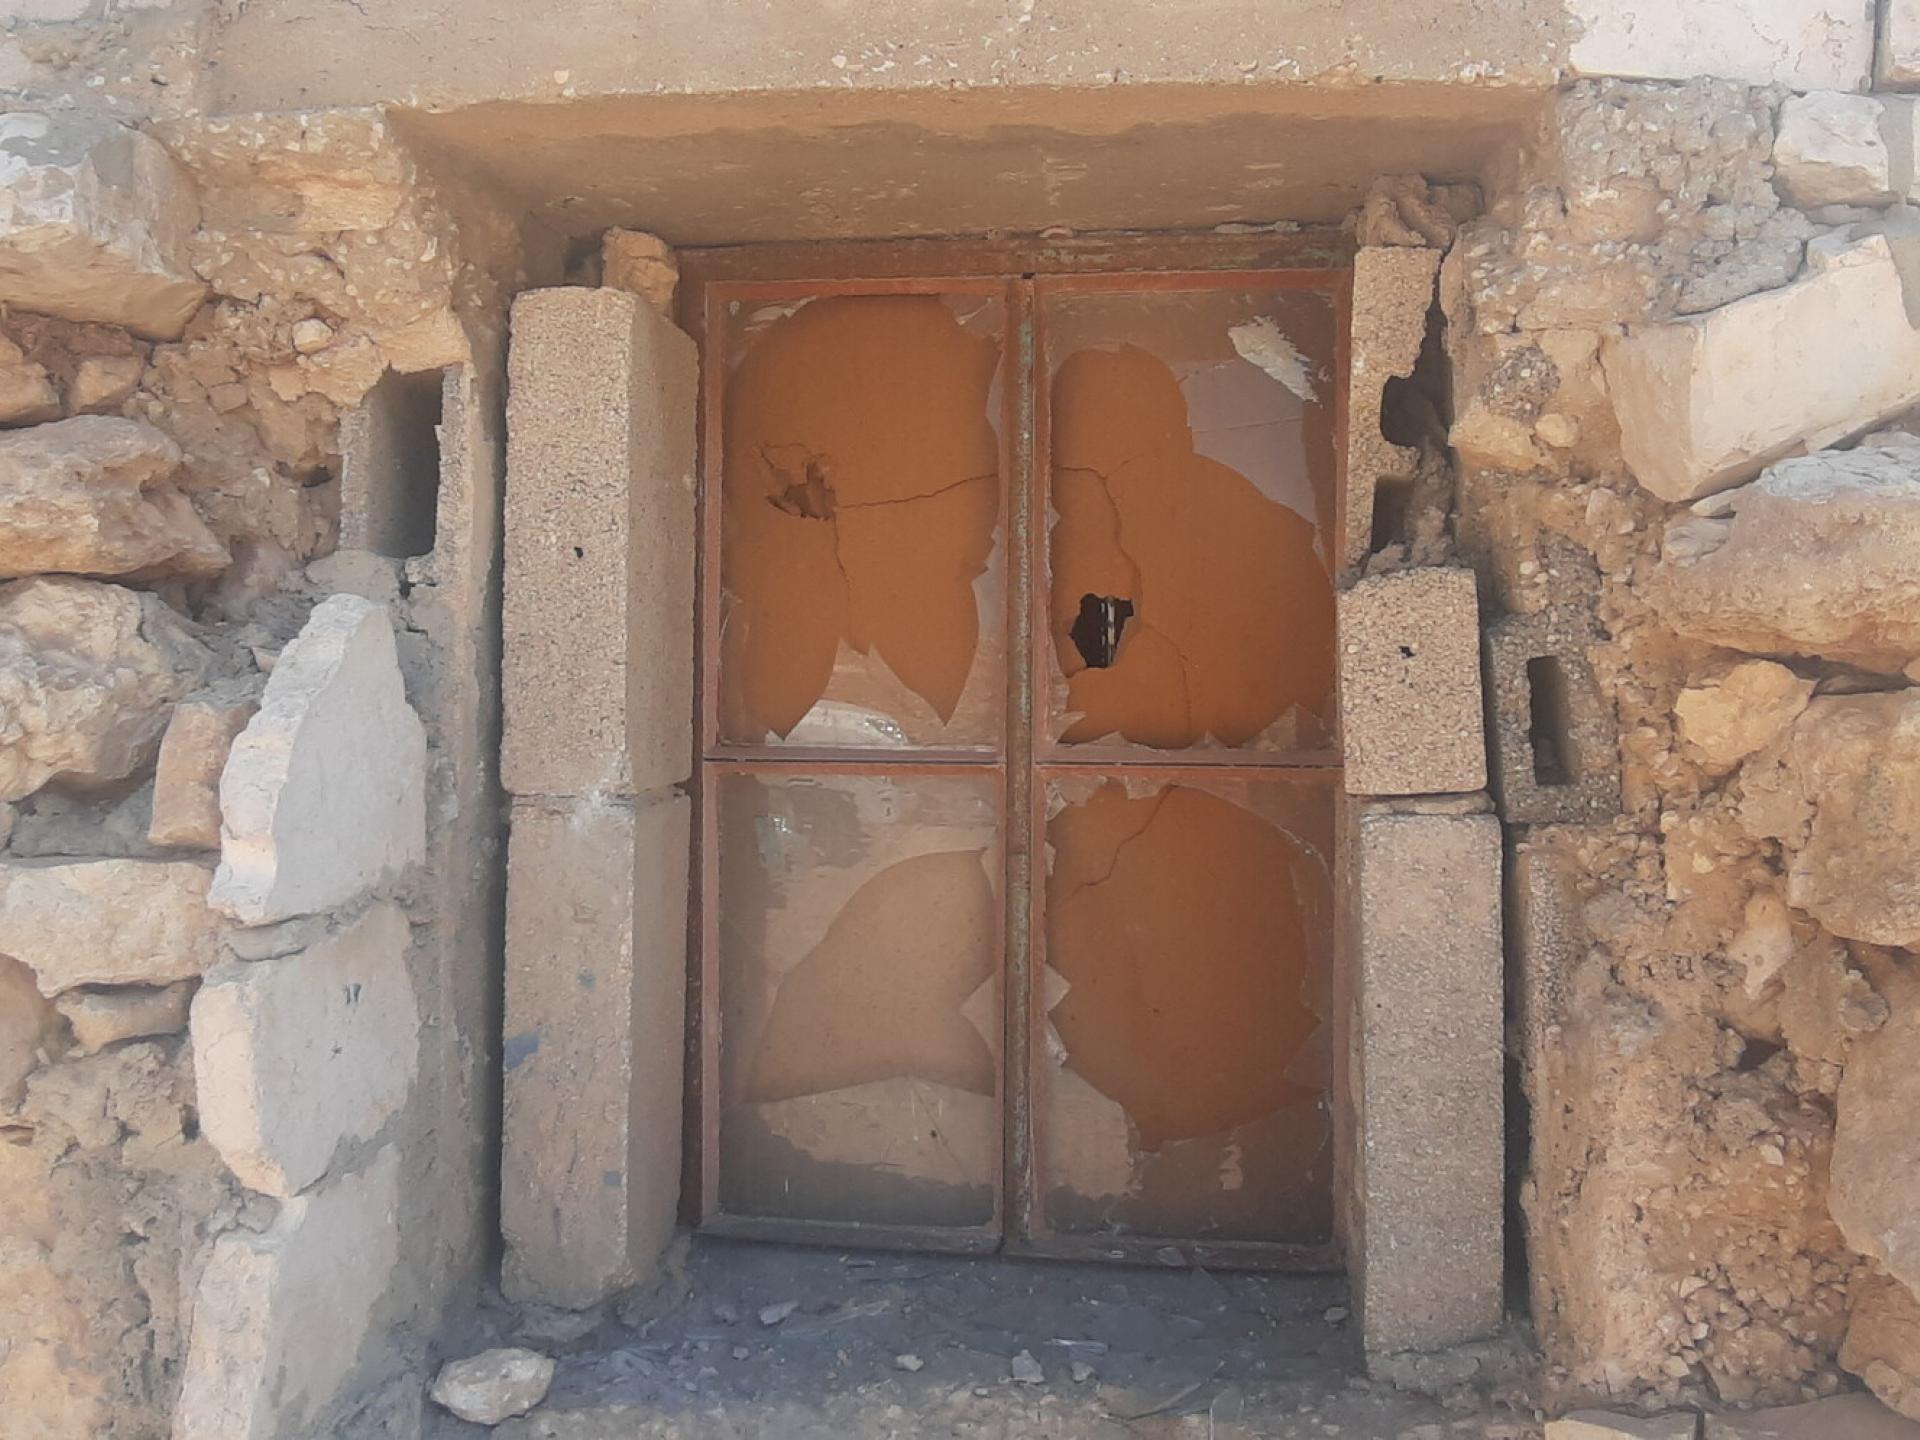 מופקרה - דלת בית אחרי הפוגרום